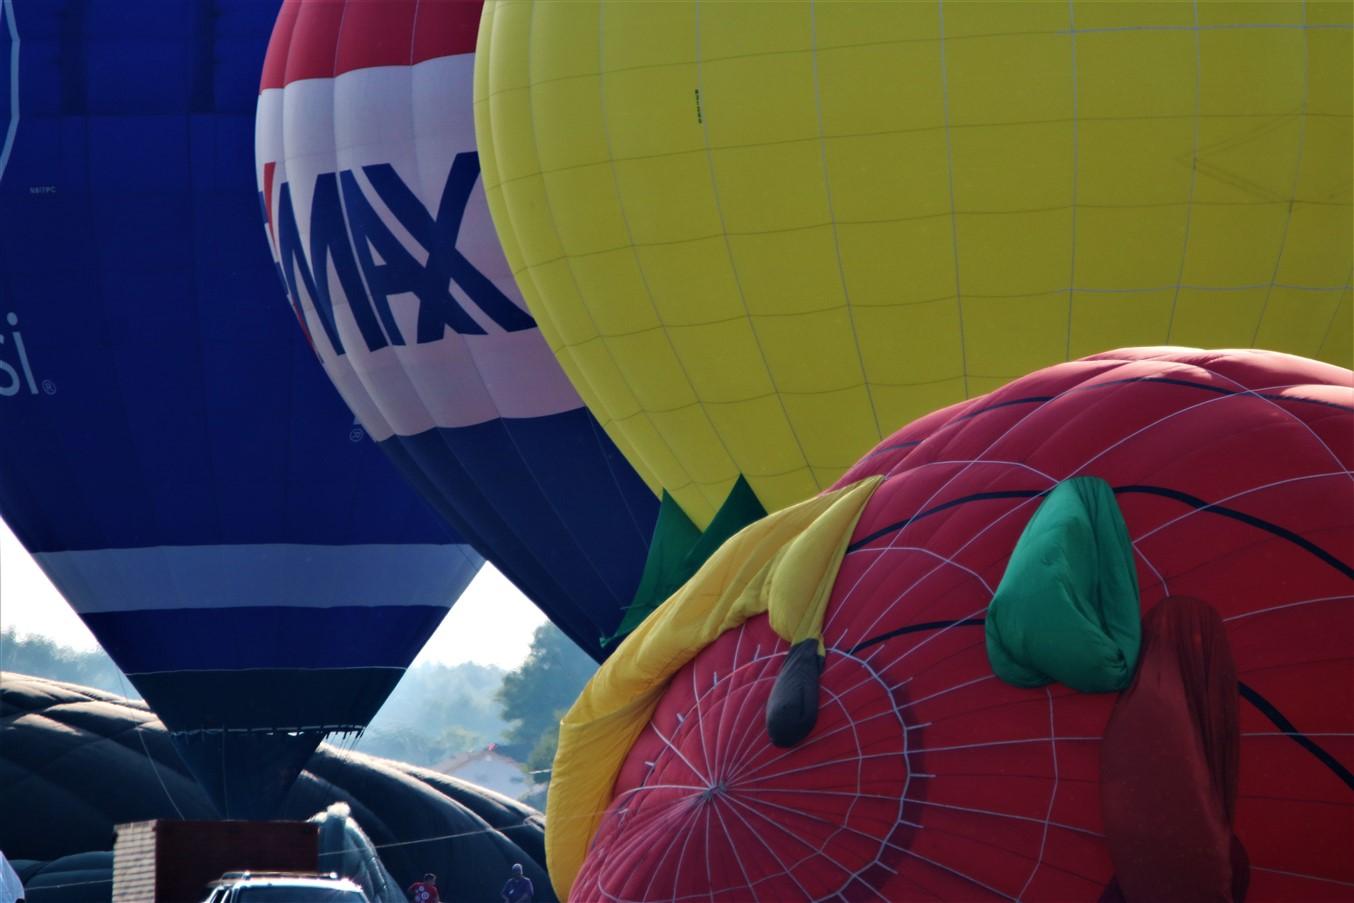 2018 08 11 206 Marysville OH Balloon Festival.jpg